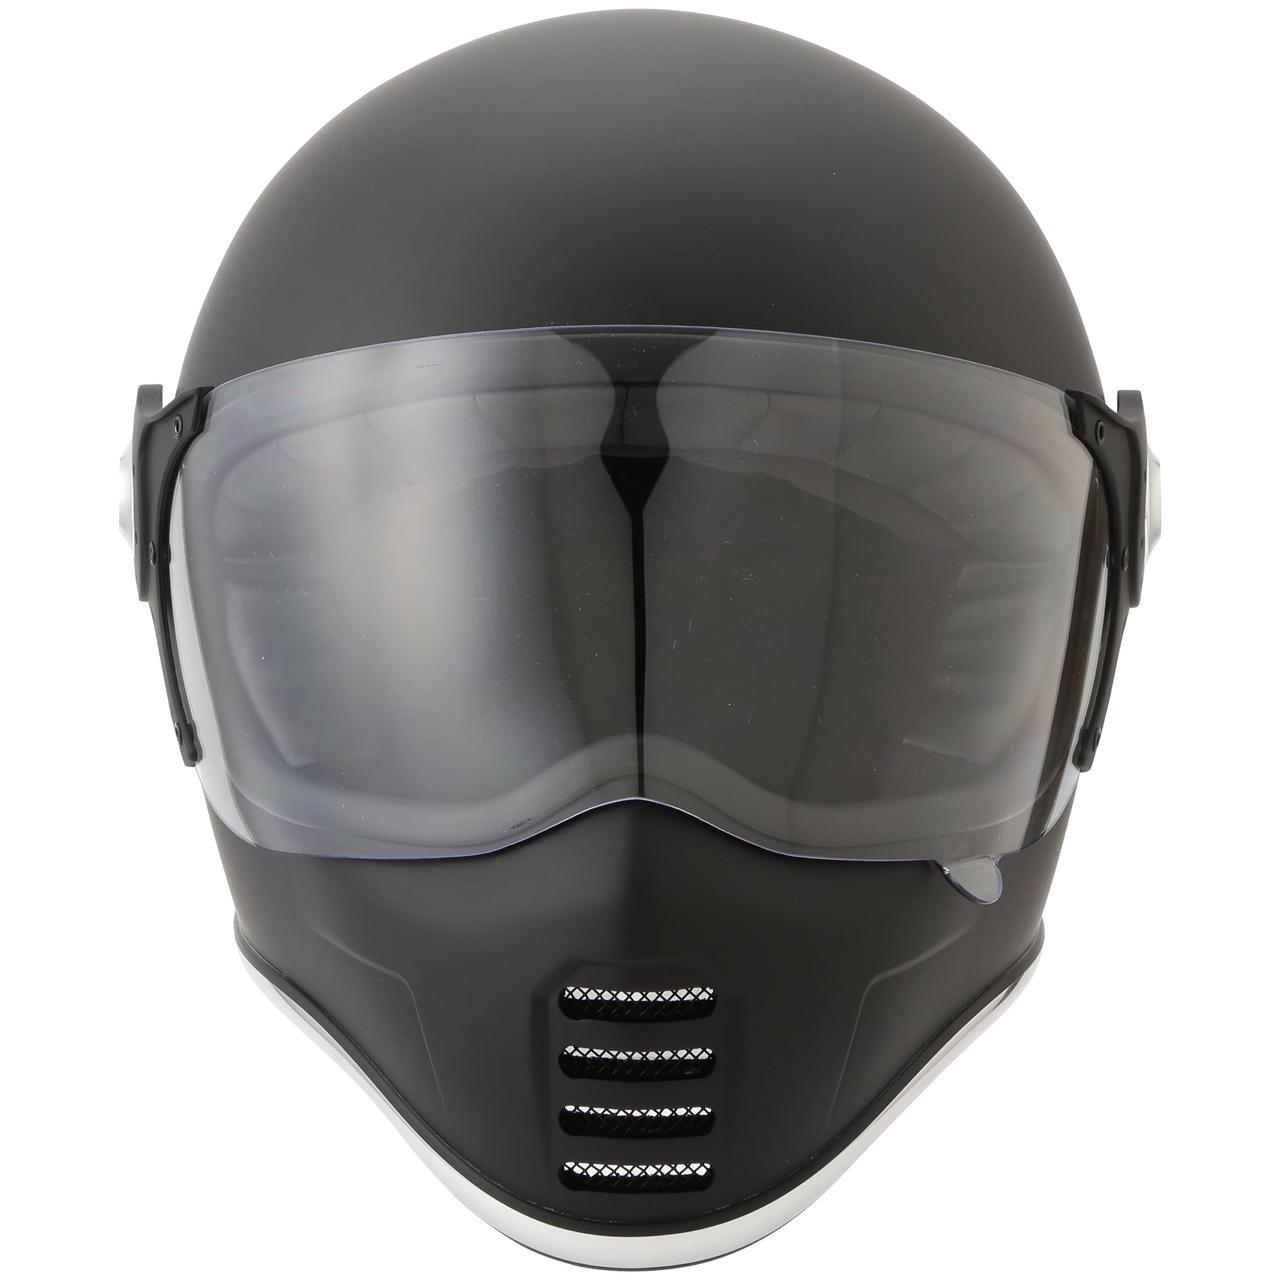 画像2: 【RIDEZ】ネオクラシックヘルメット「XX」(ダブルエックス)が発売開始! 価格も魅力的!